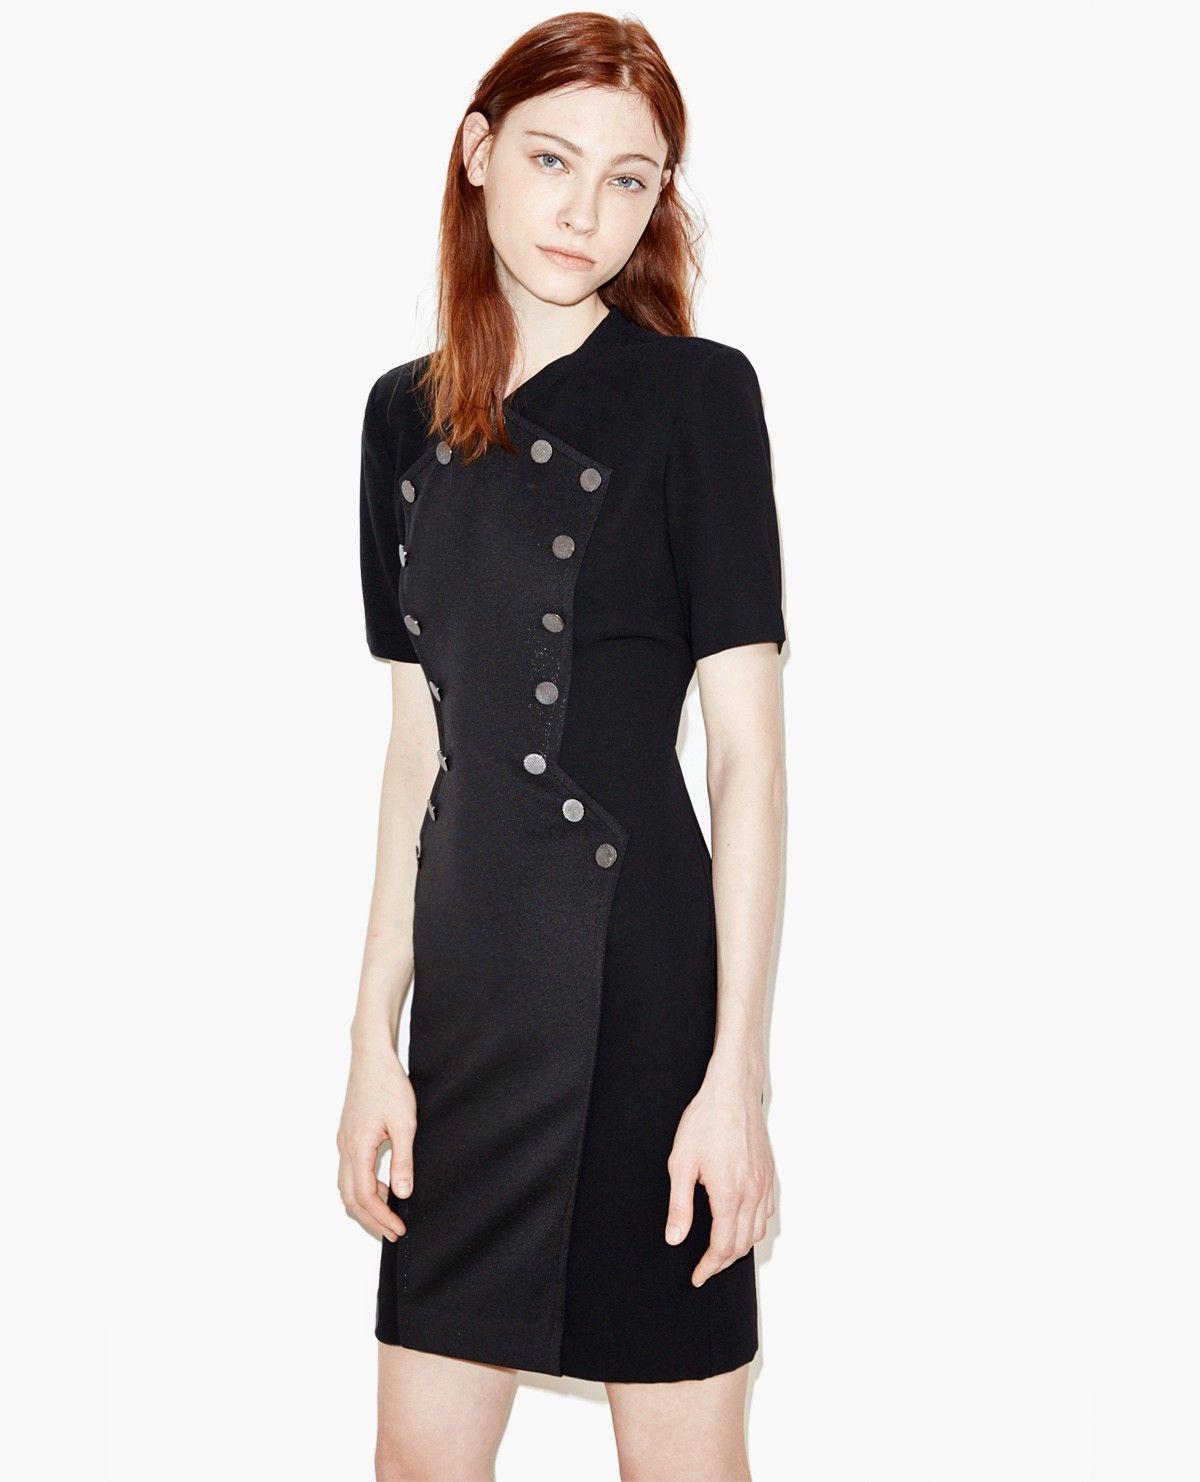 Bi-material dress. - The Kooples